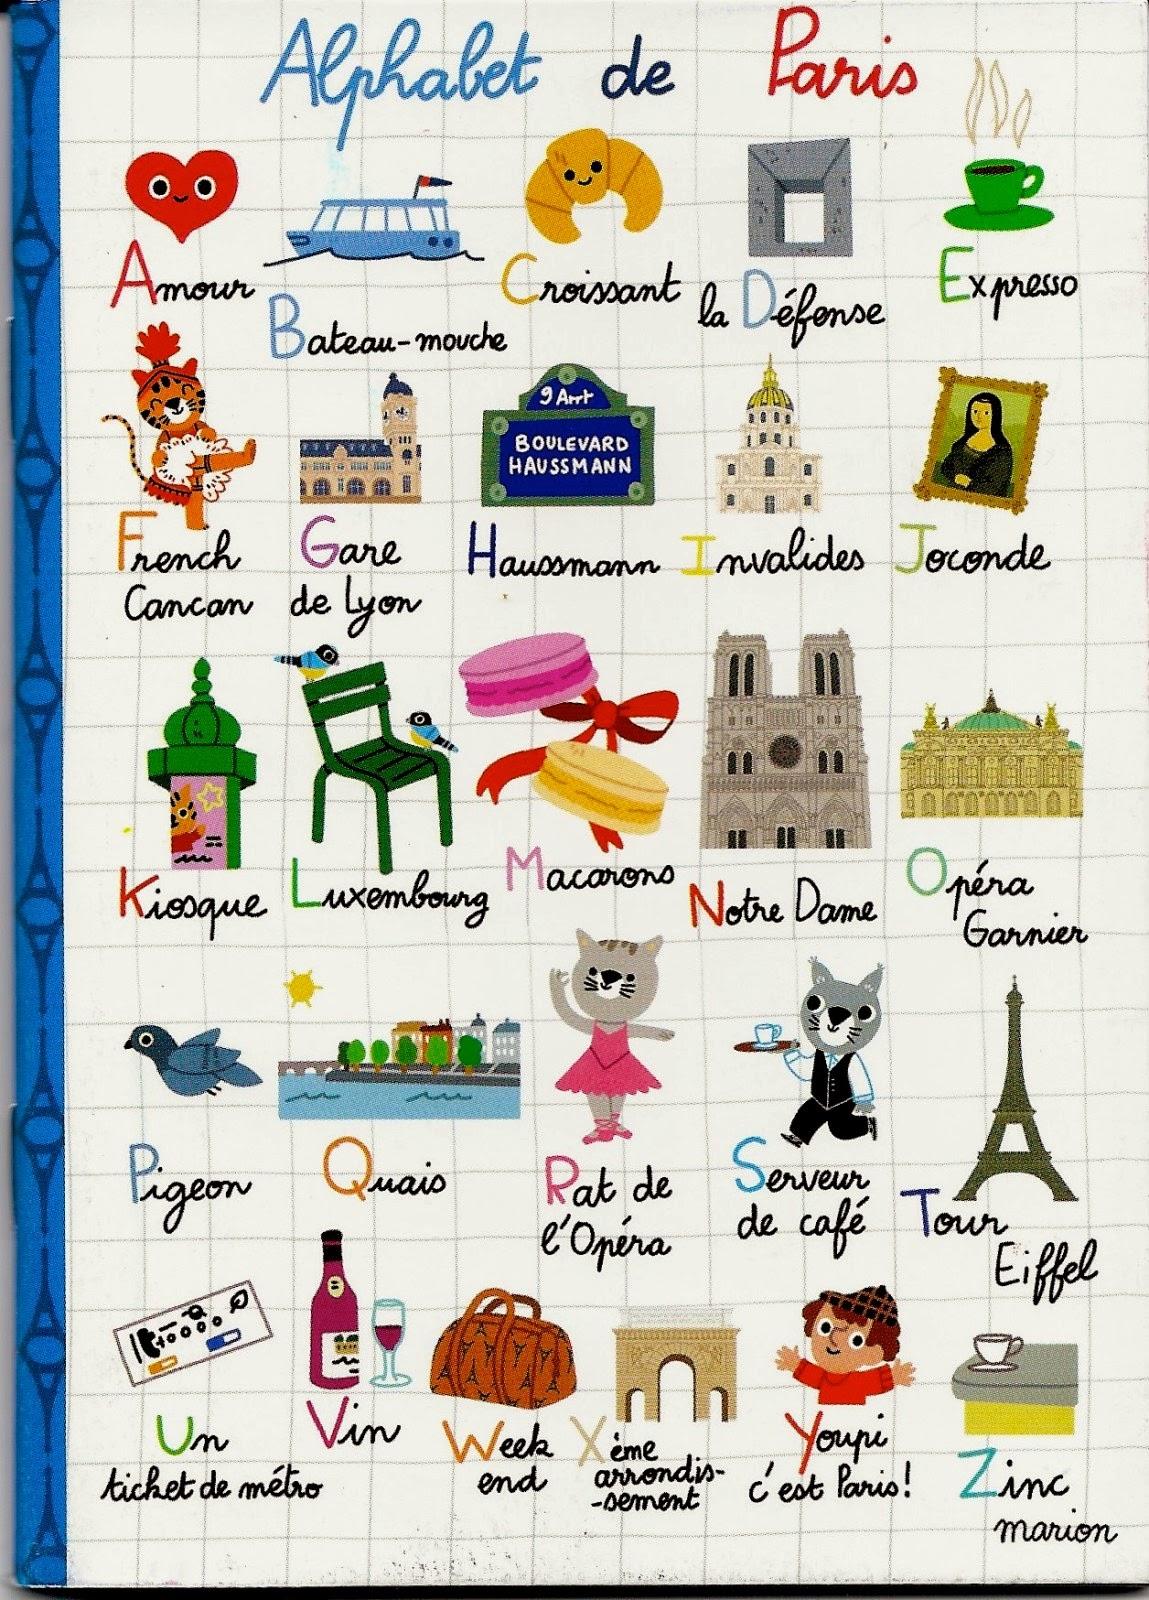 Notre classe de fran ais phon tique l 39 alphabet for Cuisinier francais 7 lettres